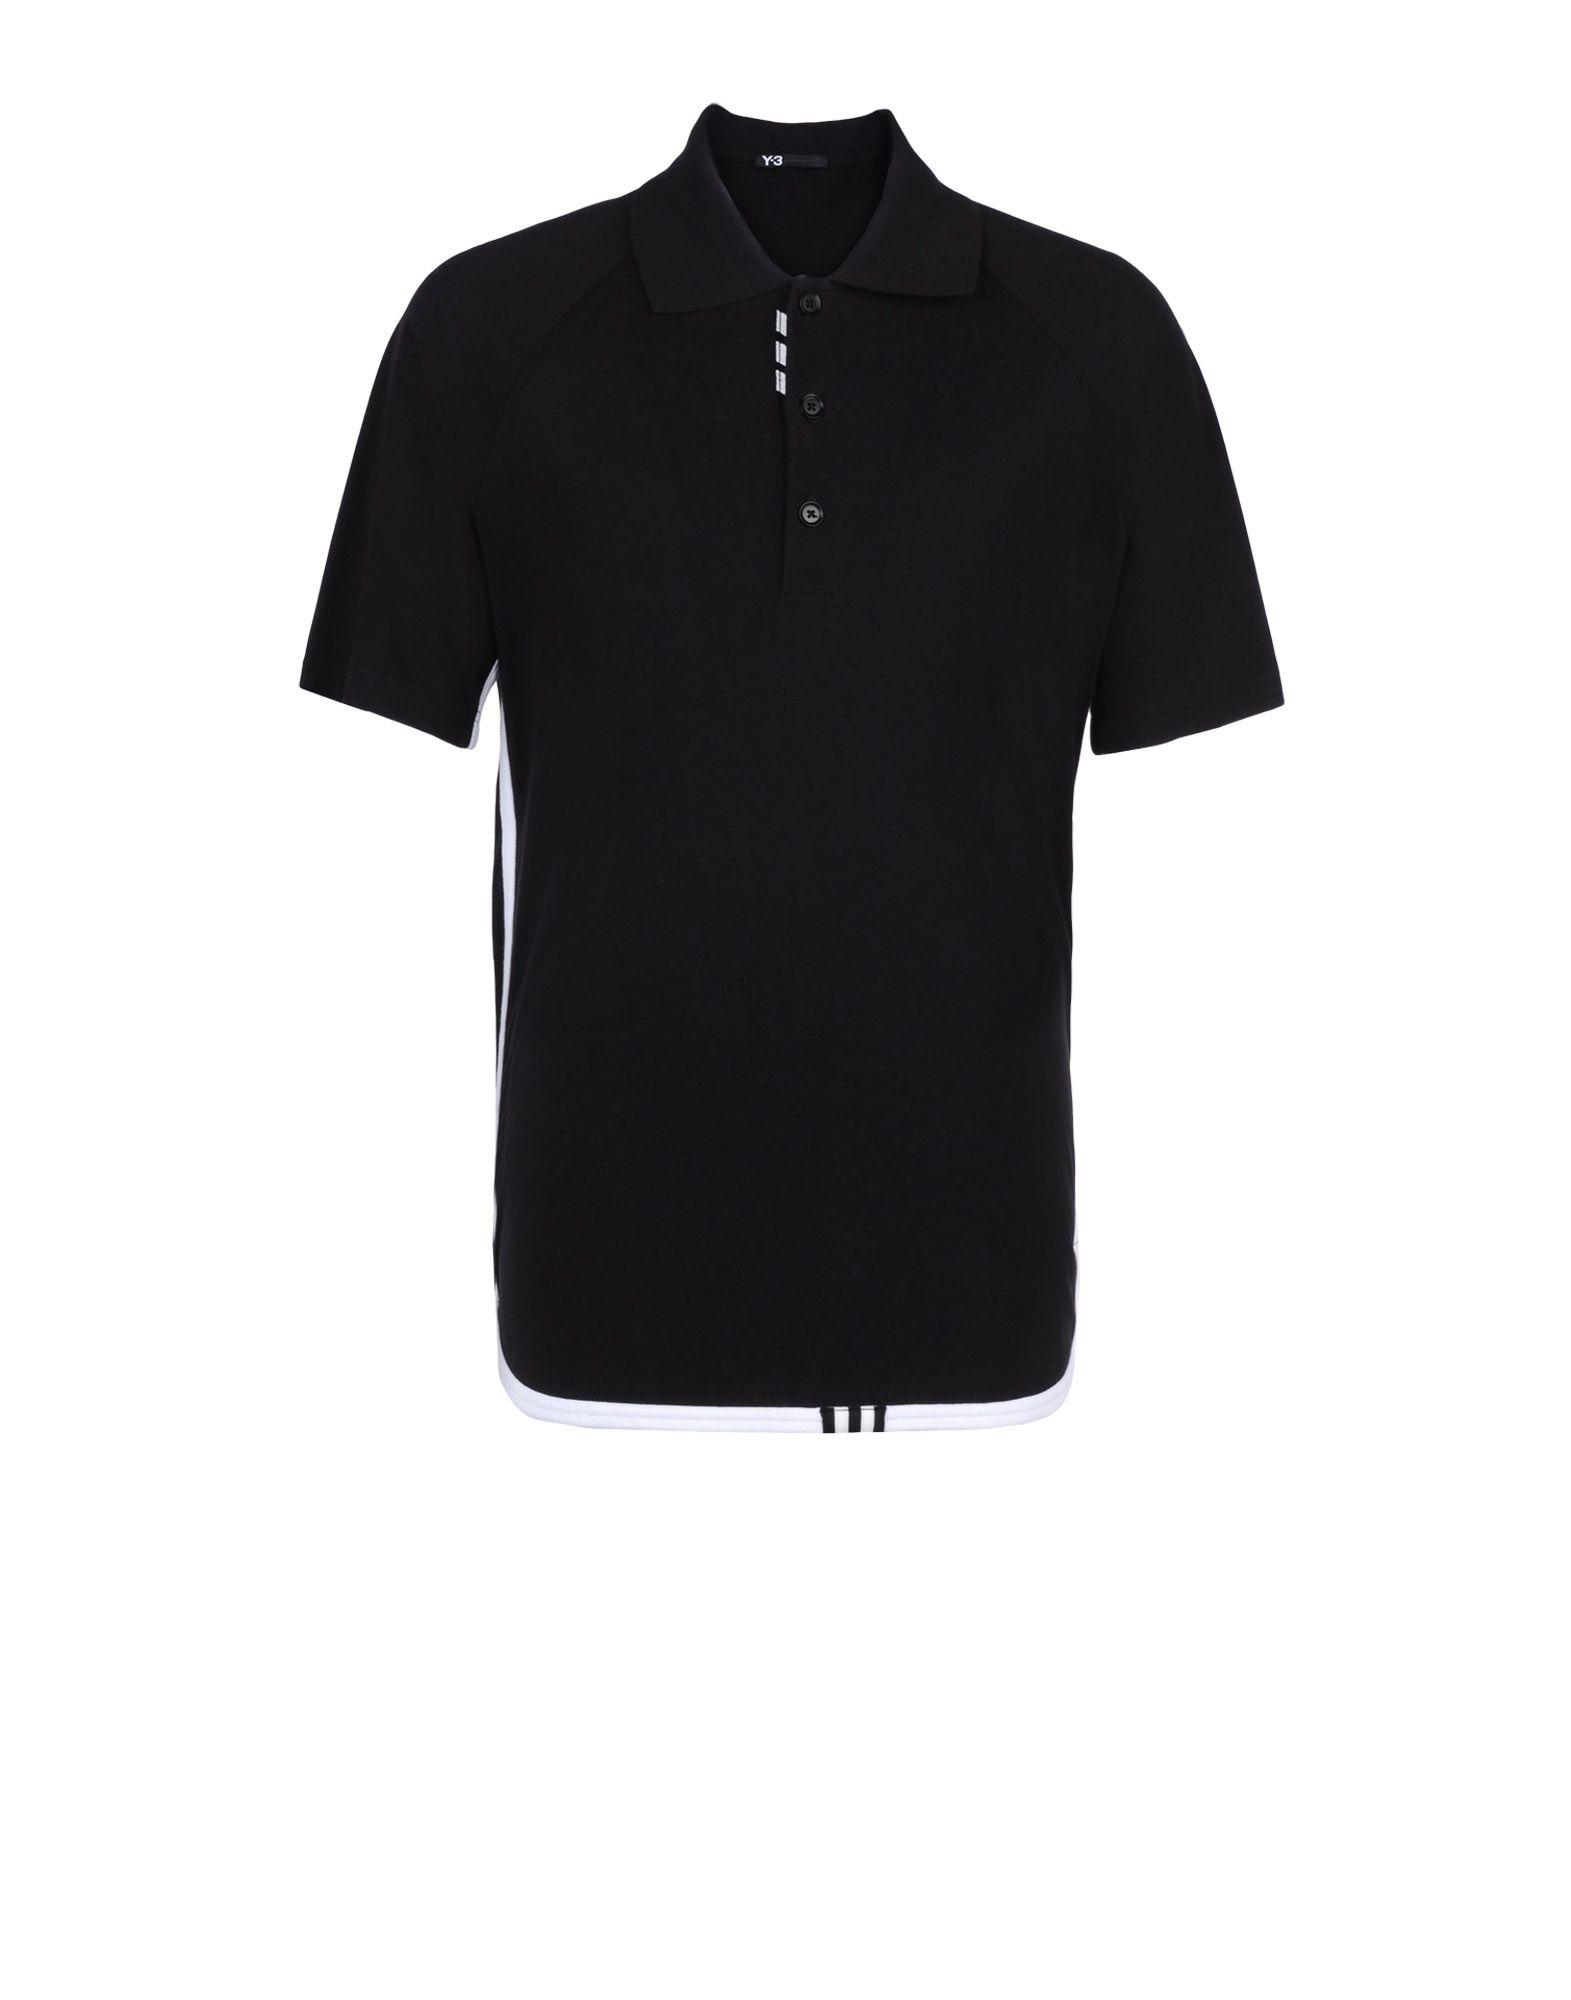 adidas black polo t shirt